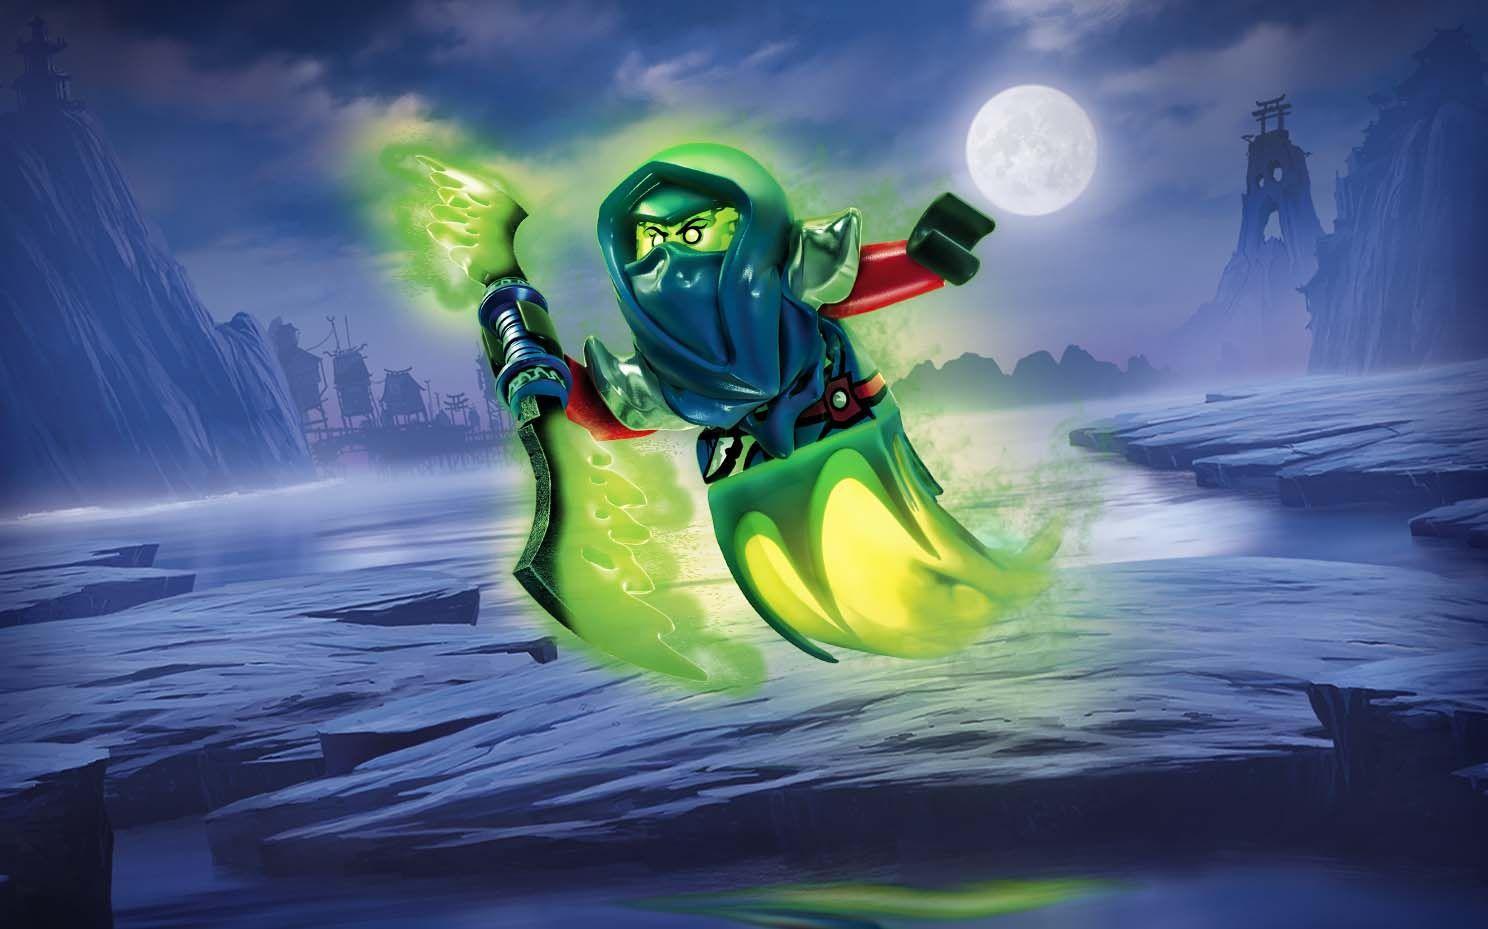 Bansha la ma tresse des lames personnages ninjago lego - Personnage ninjago lego ...